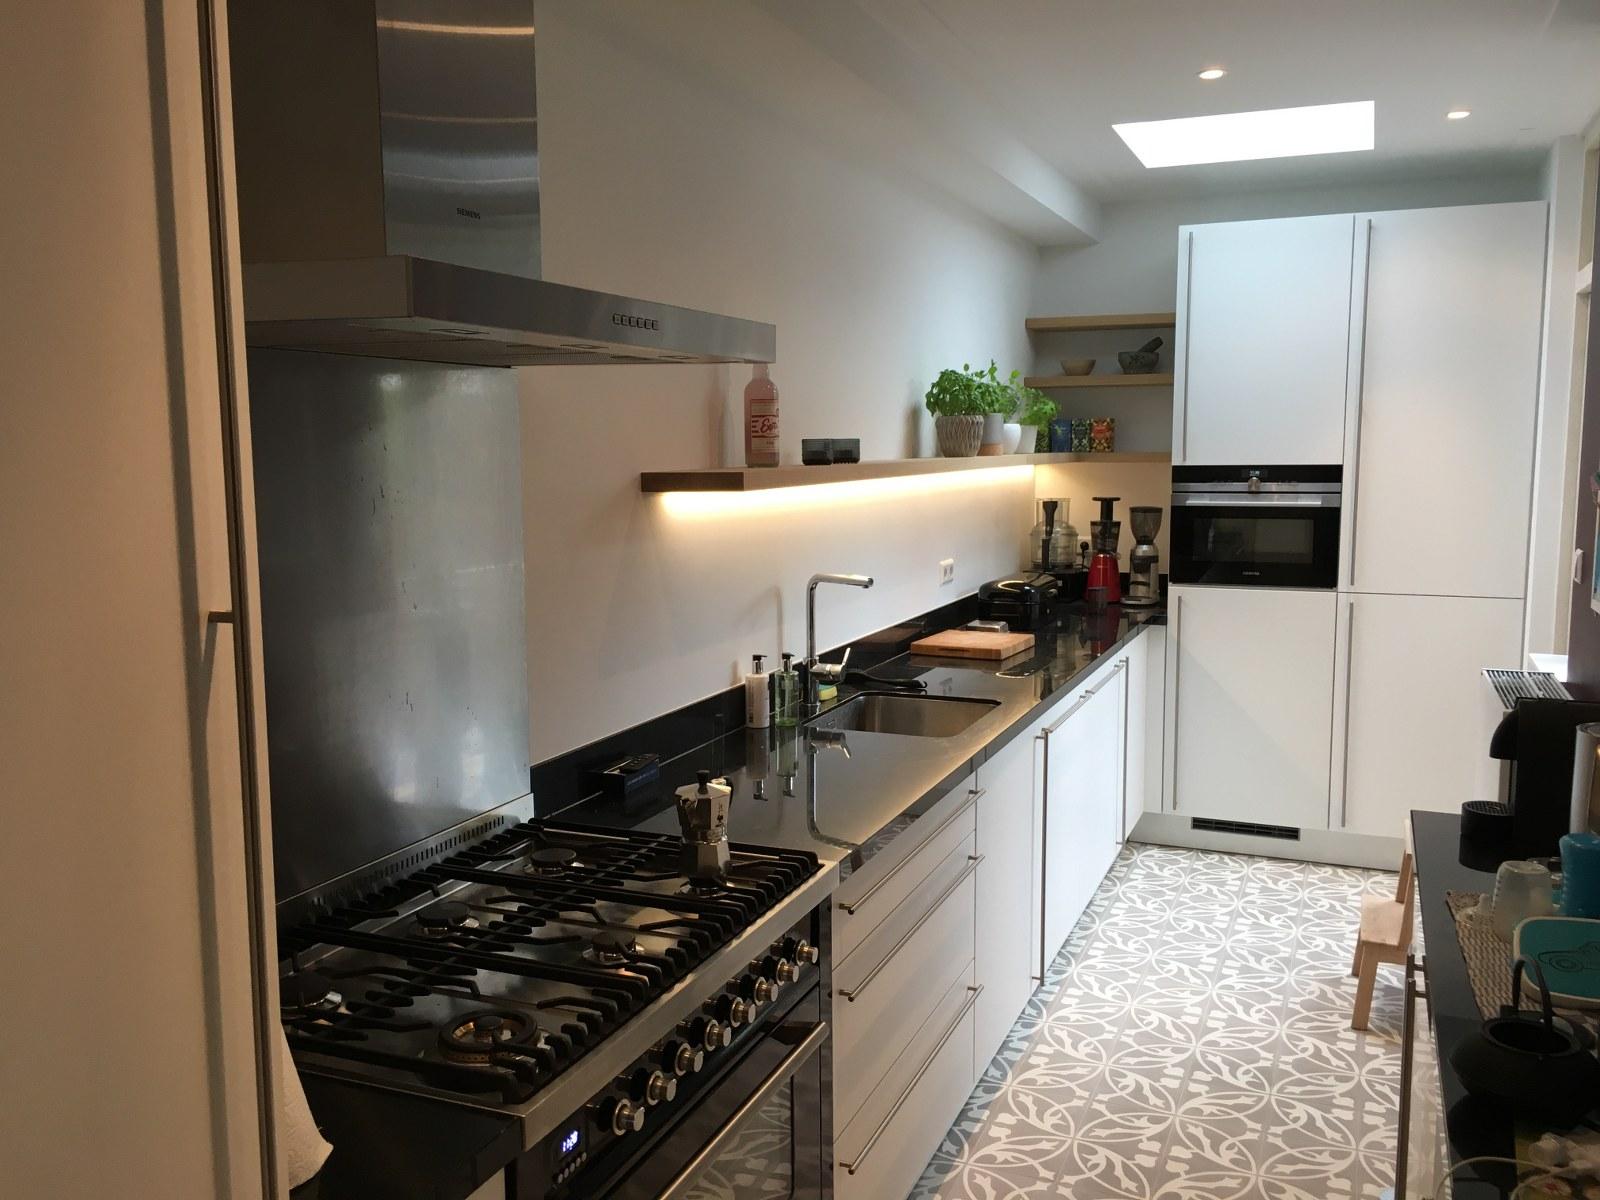 Design Keukens Heemskerk : Aanbouw keuken zaanenlaan haarlem bouwbedrijf heemskerk